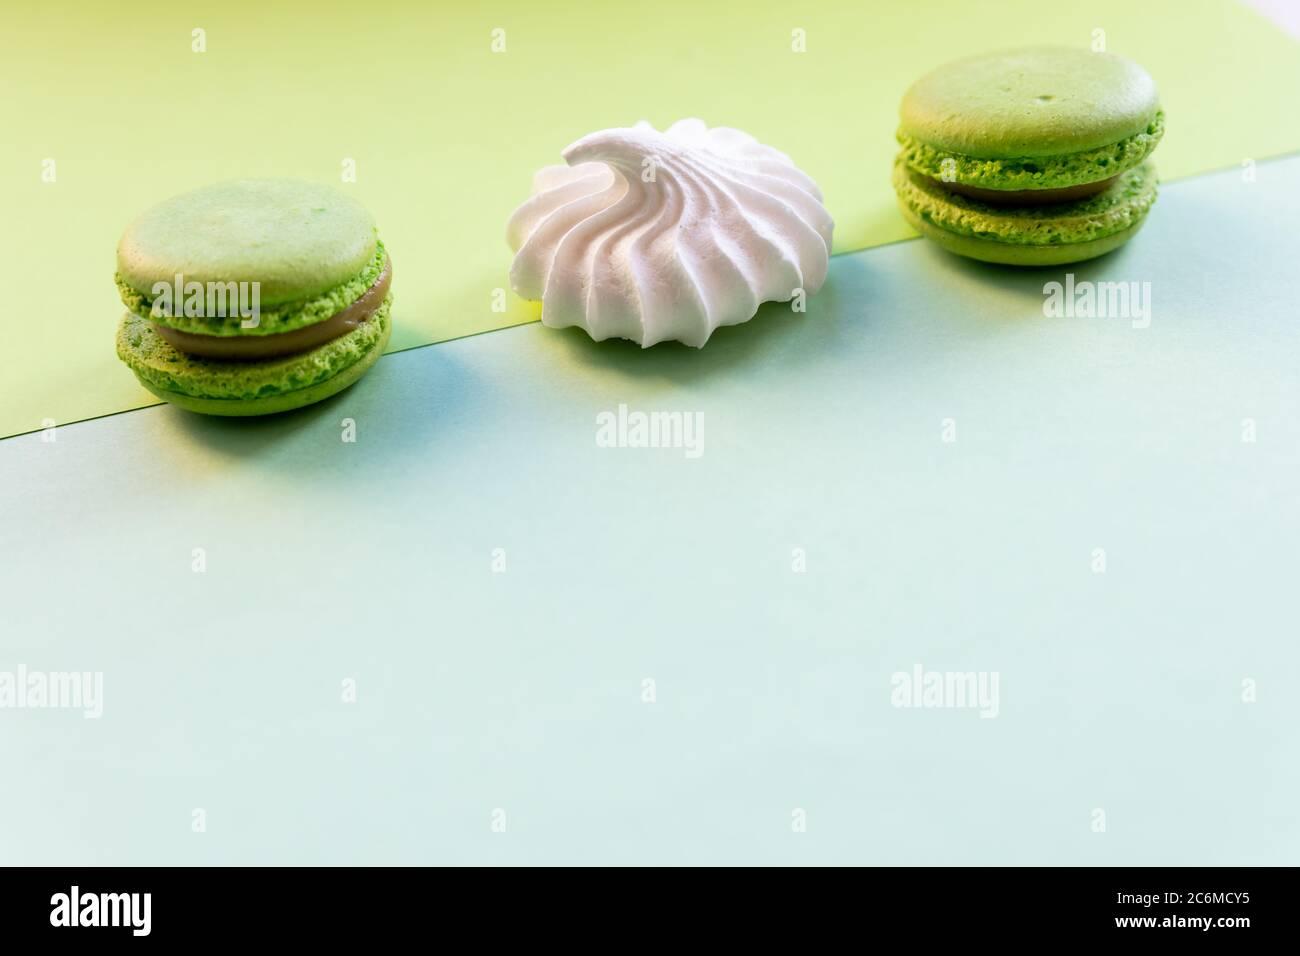 plat de biscuits de macaron français instables colorés comme fond, concept de dessert.Pop Art style de couleur avec meringue et des friandises de boulangerie sur vif Banque D'Images